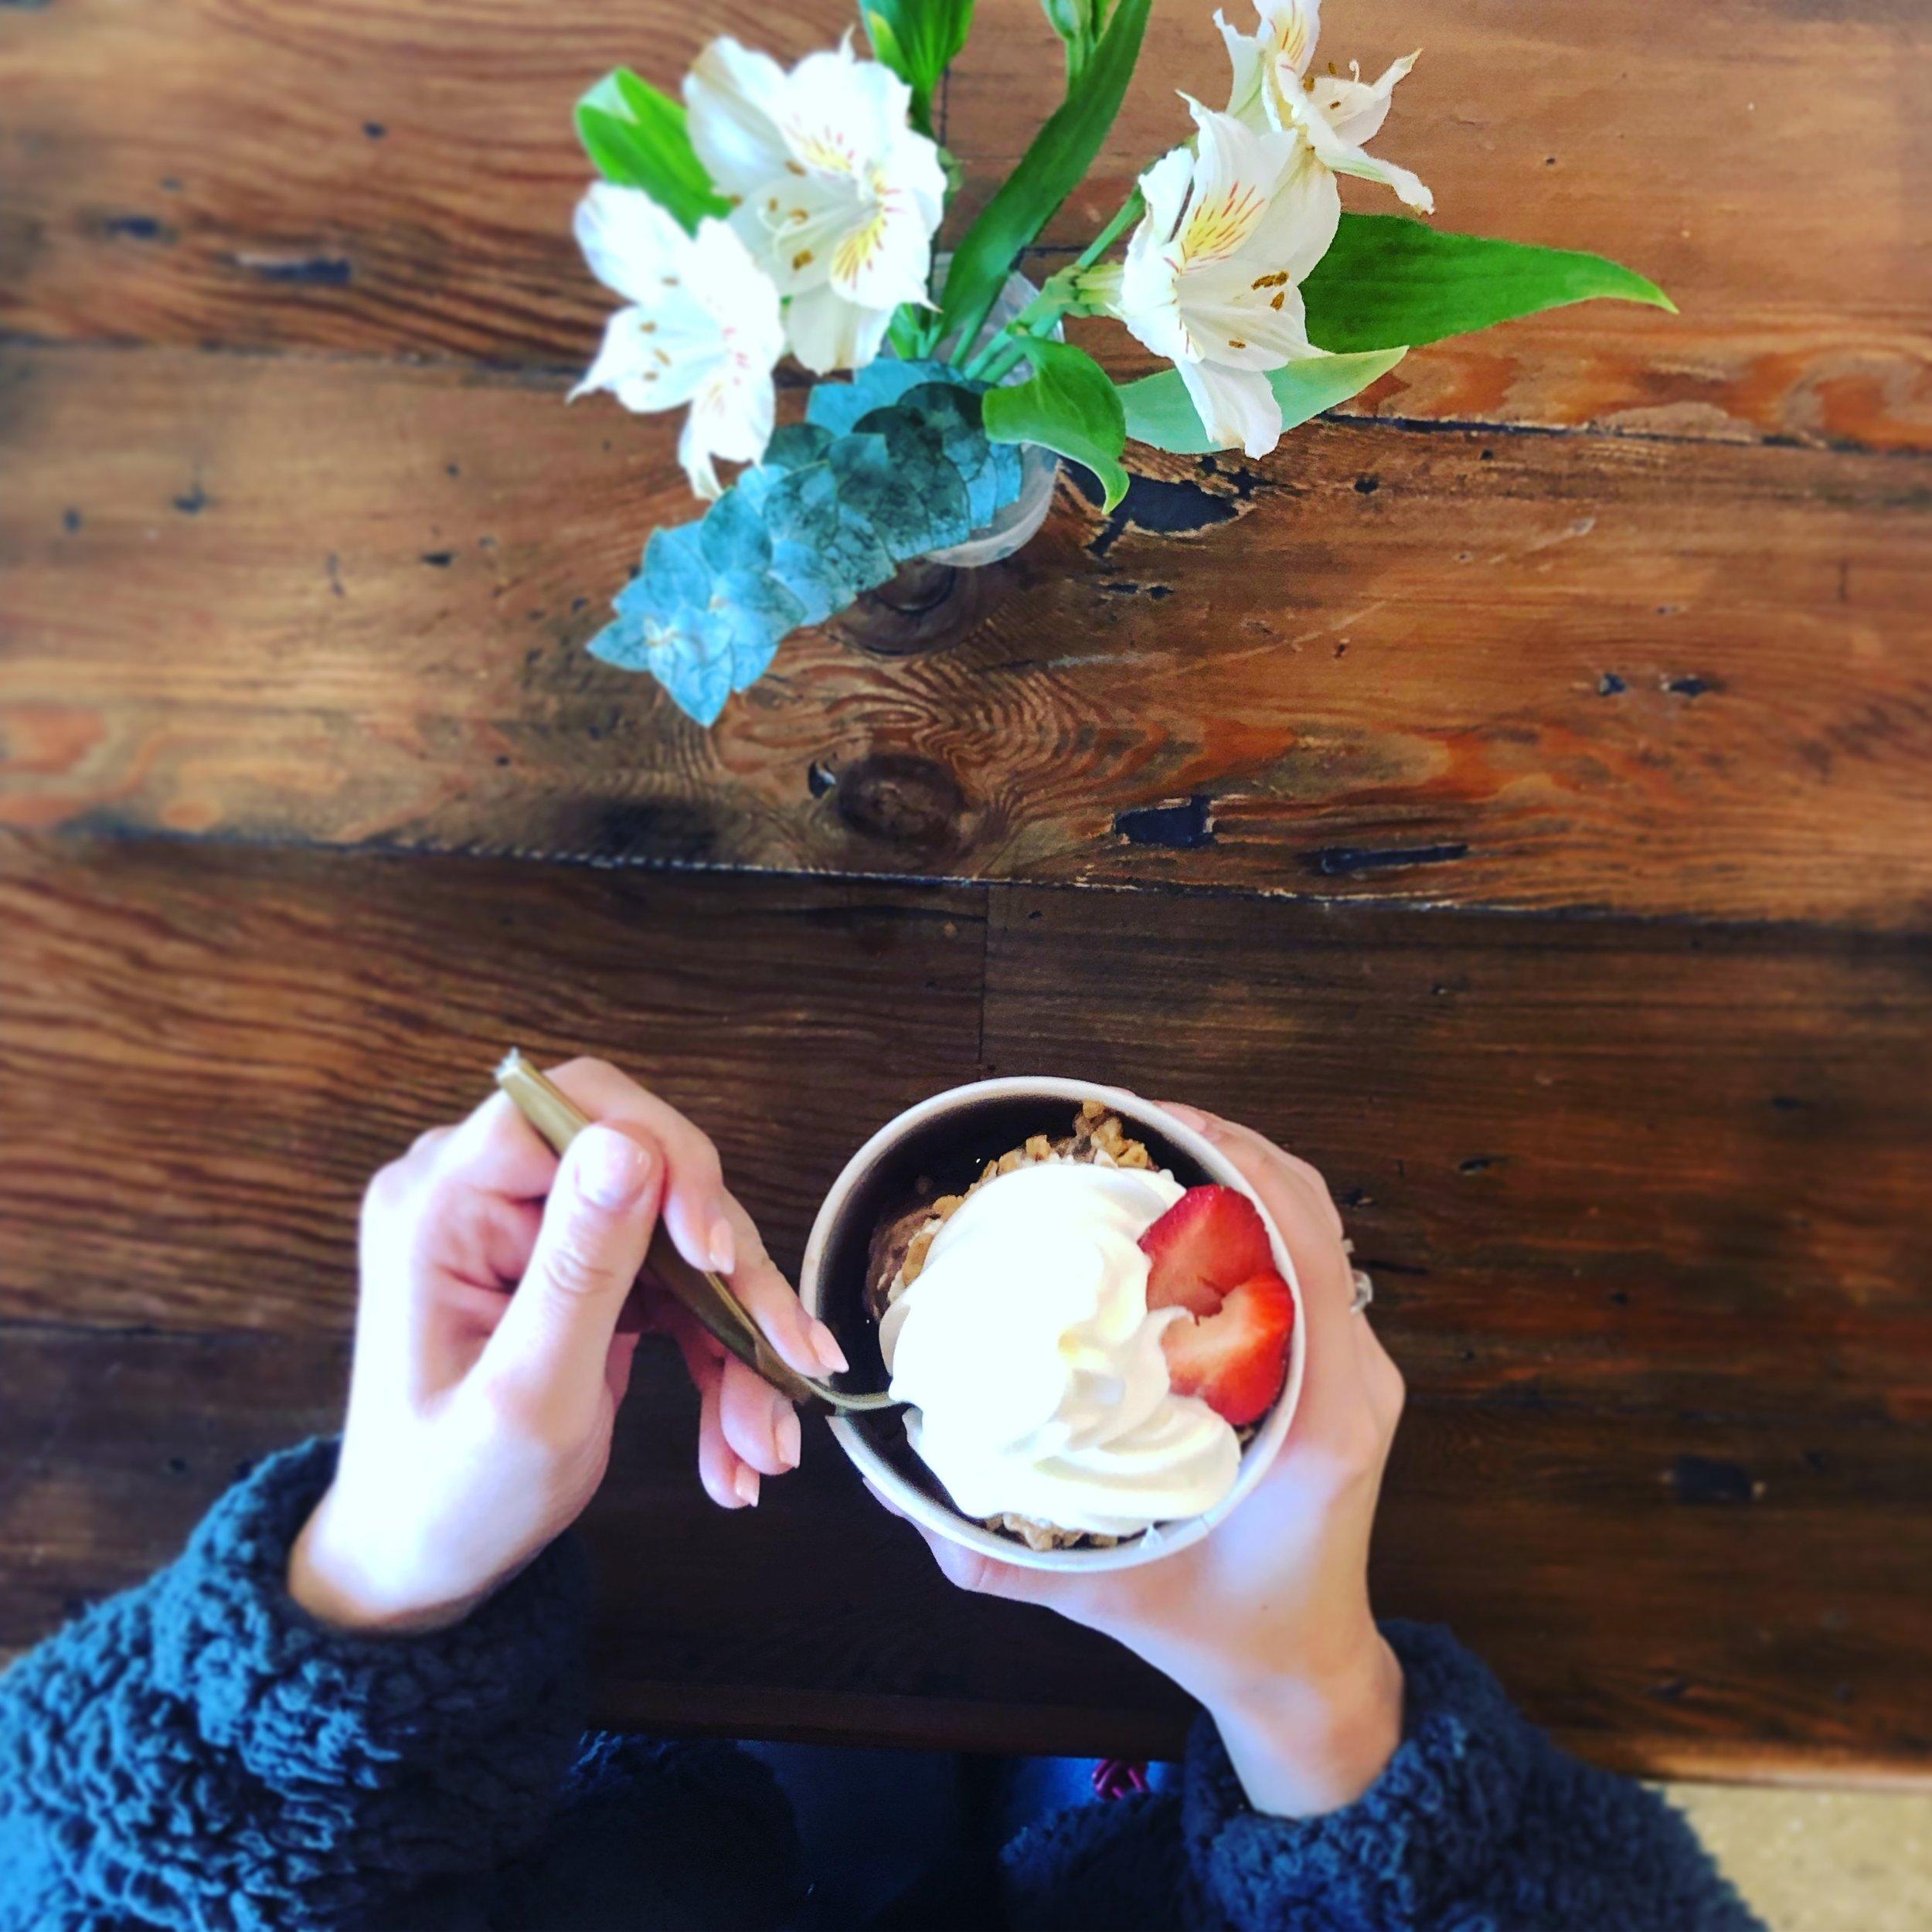 Hours: - Lunch:Tues – Sat, 11 am – 3 pmIce Cream:Tues – Thur, 11 am –9 pmFri – Sun, 11 am – 10 pmSun, 12 pm- 6pmClosed Mondays